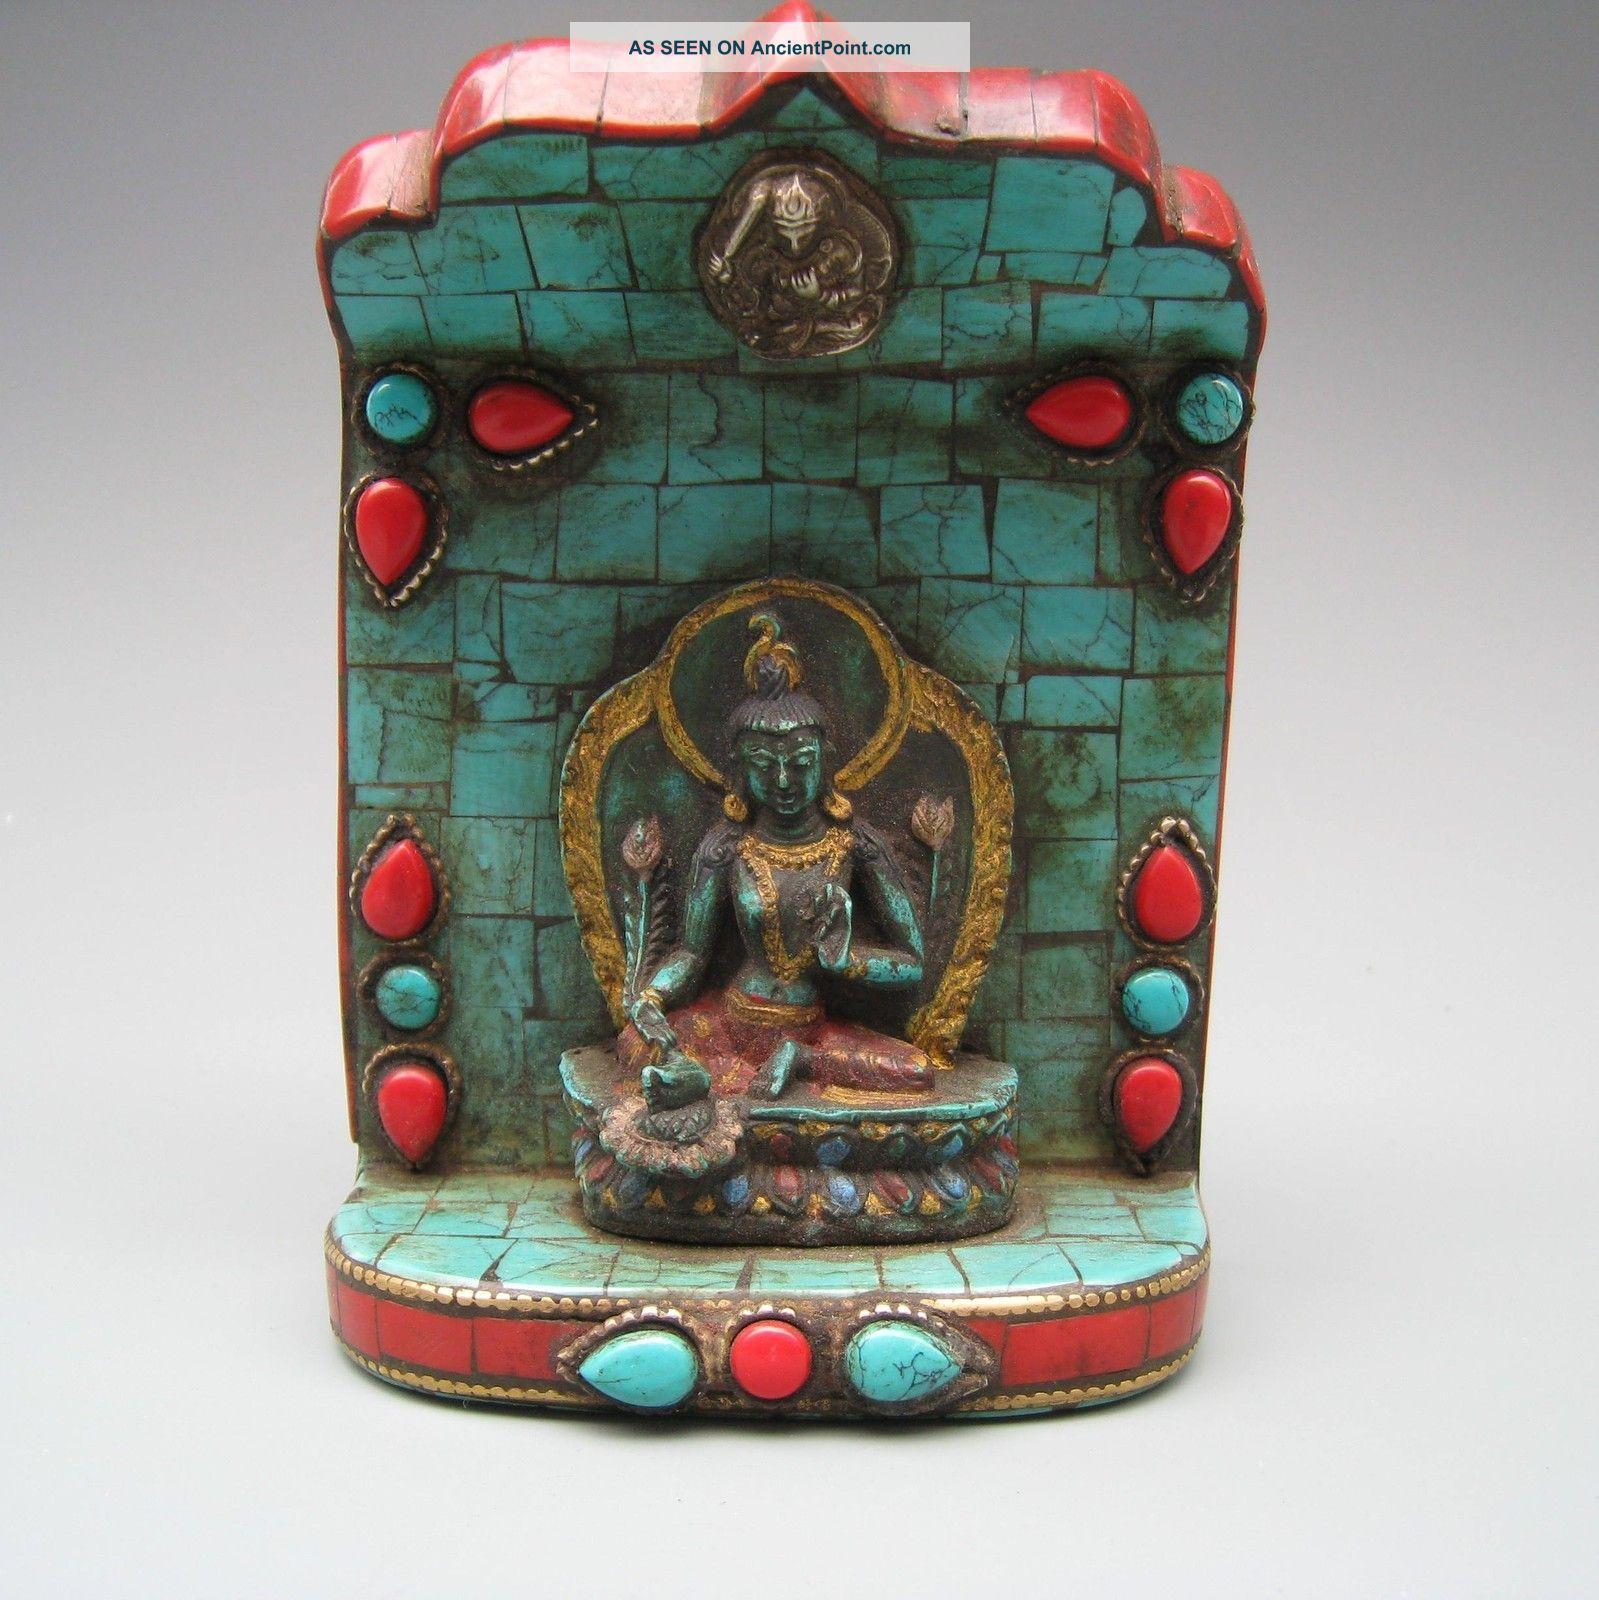 China Tibet Inlaid Turquoise Tibetan Buddhist Goddess Of Mercy Statues Nr Buddha photo